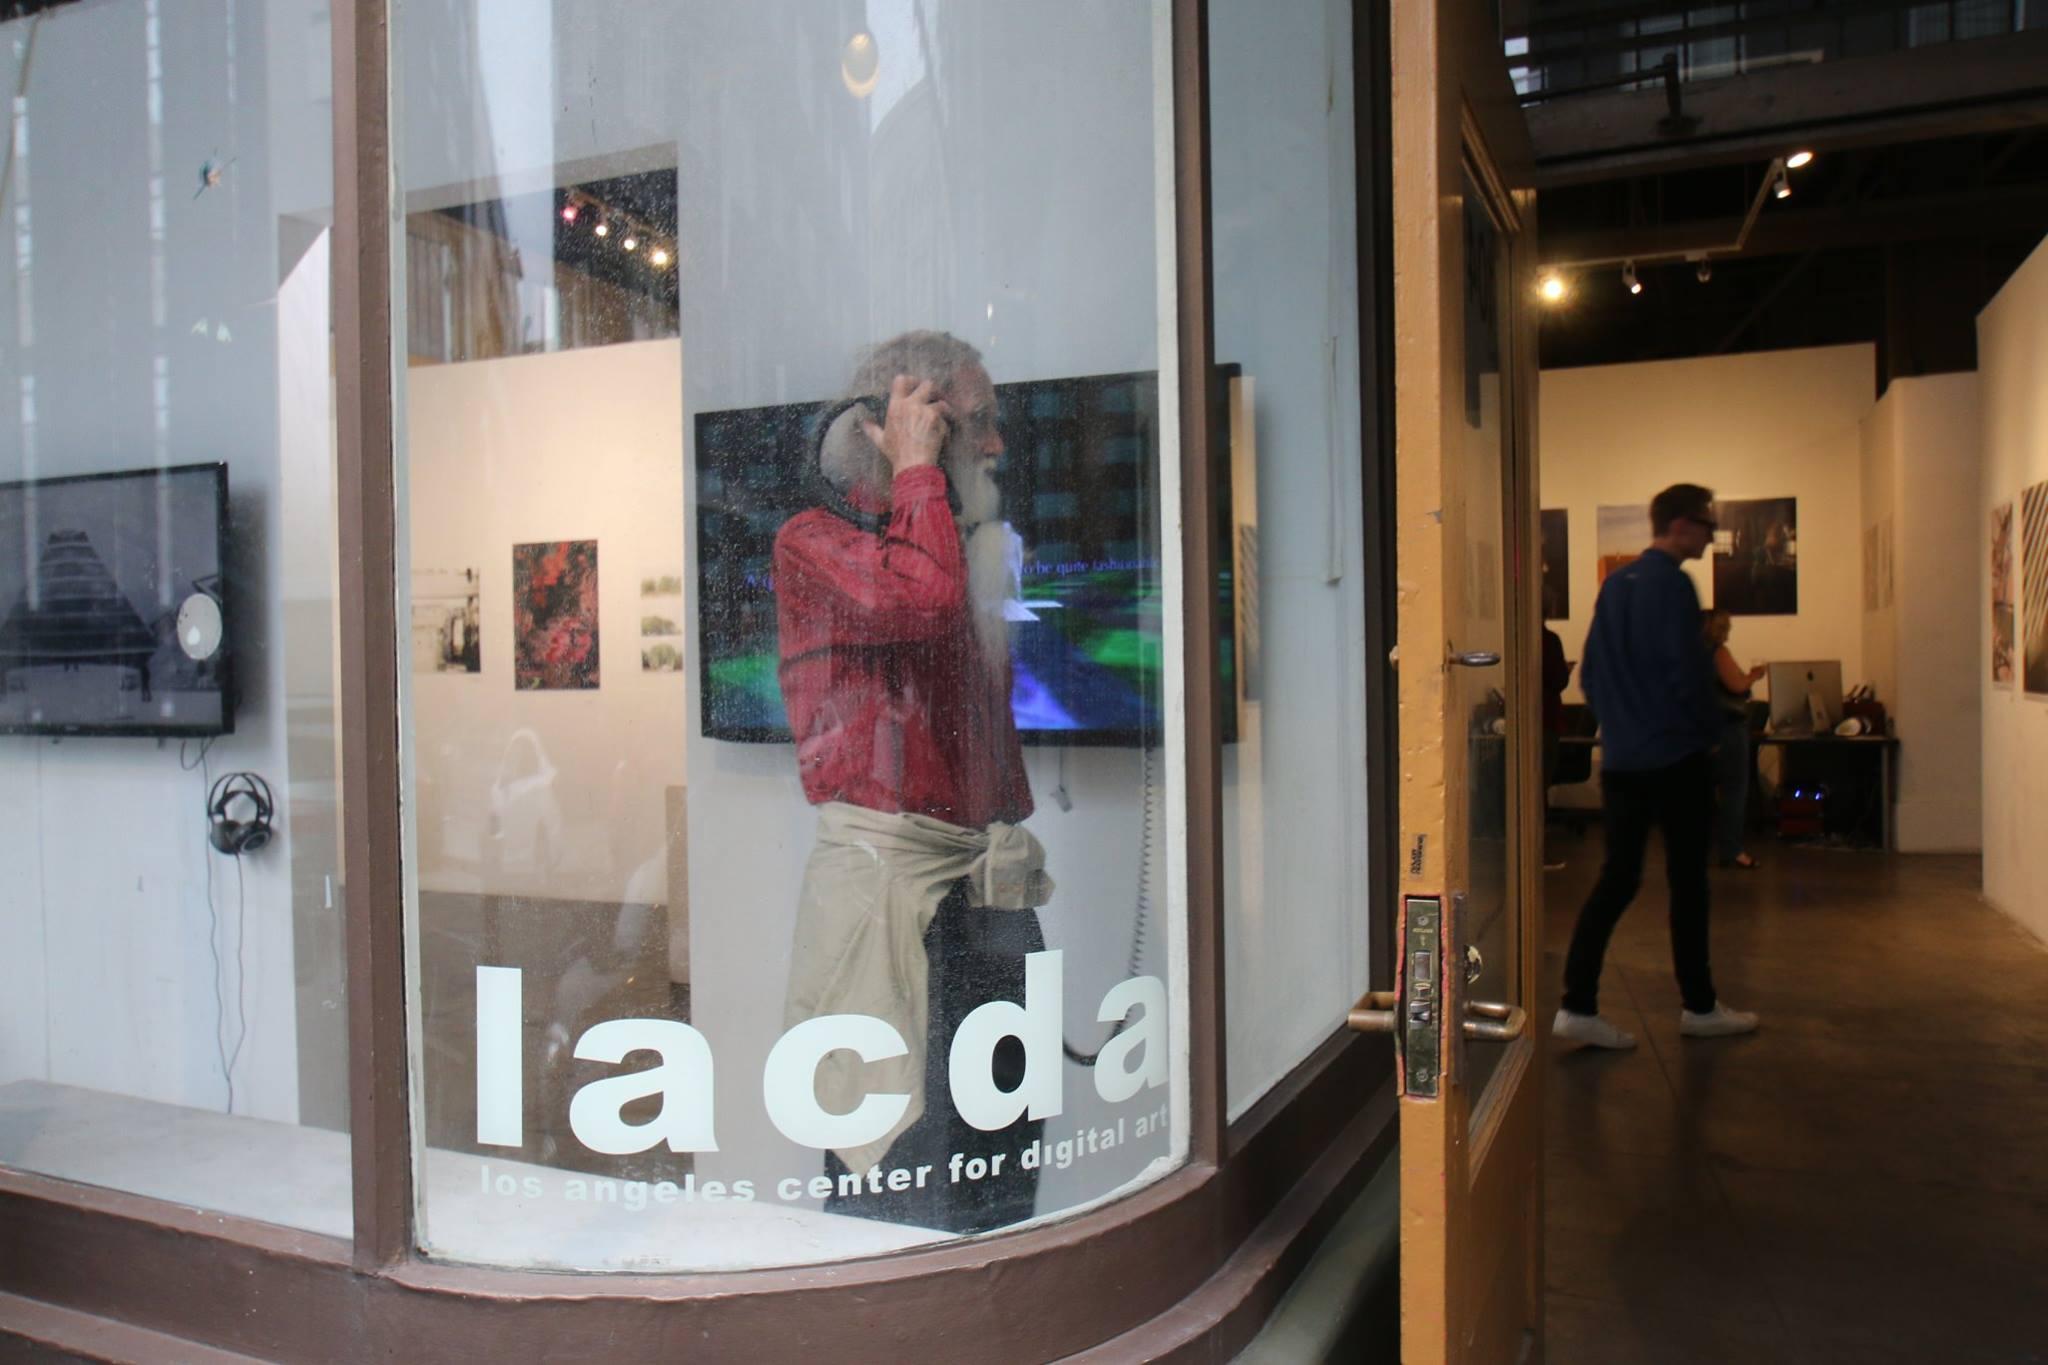 LACDA entrance